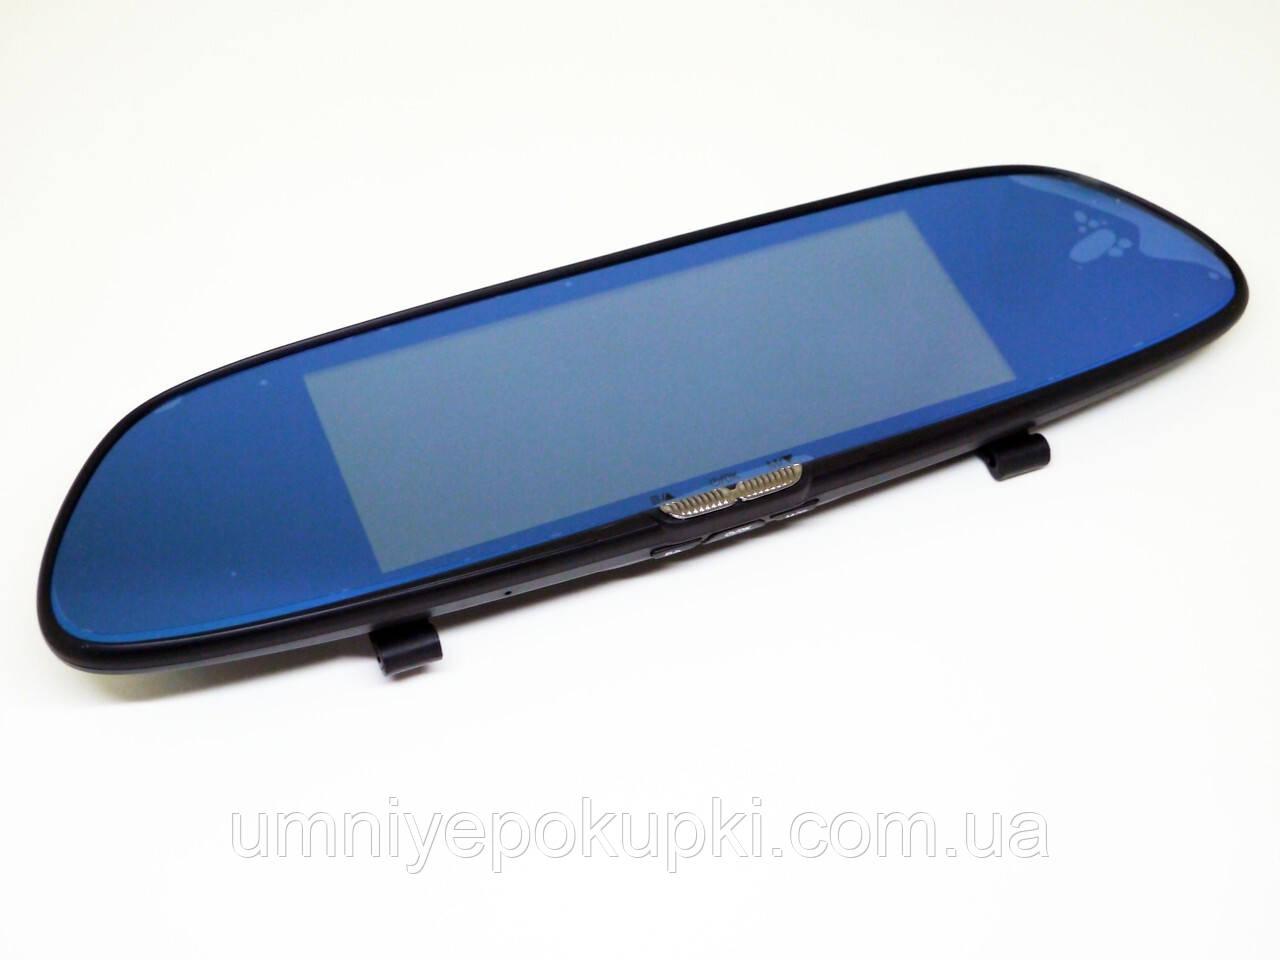 Зеркало регистратор DVR H10 PRO 1080P Экран 7 дюймов 2 камеры автомобильный видеорегистратор Чёрный